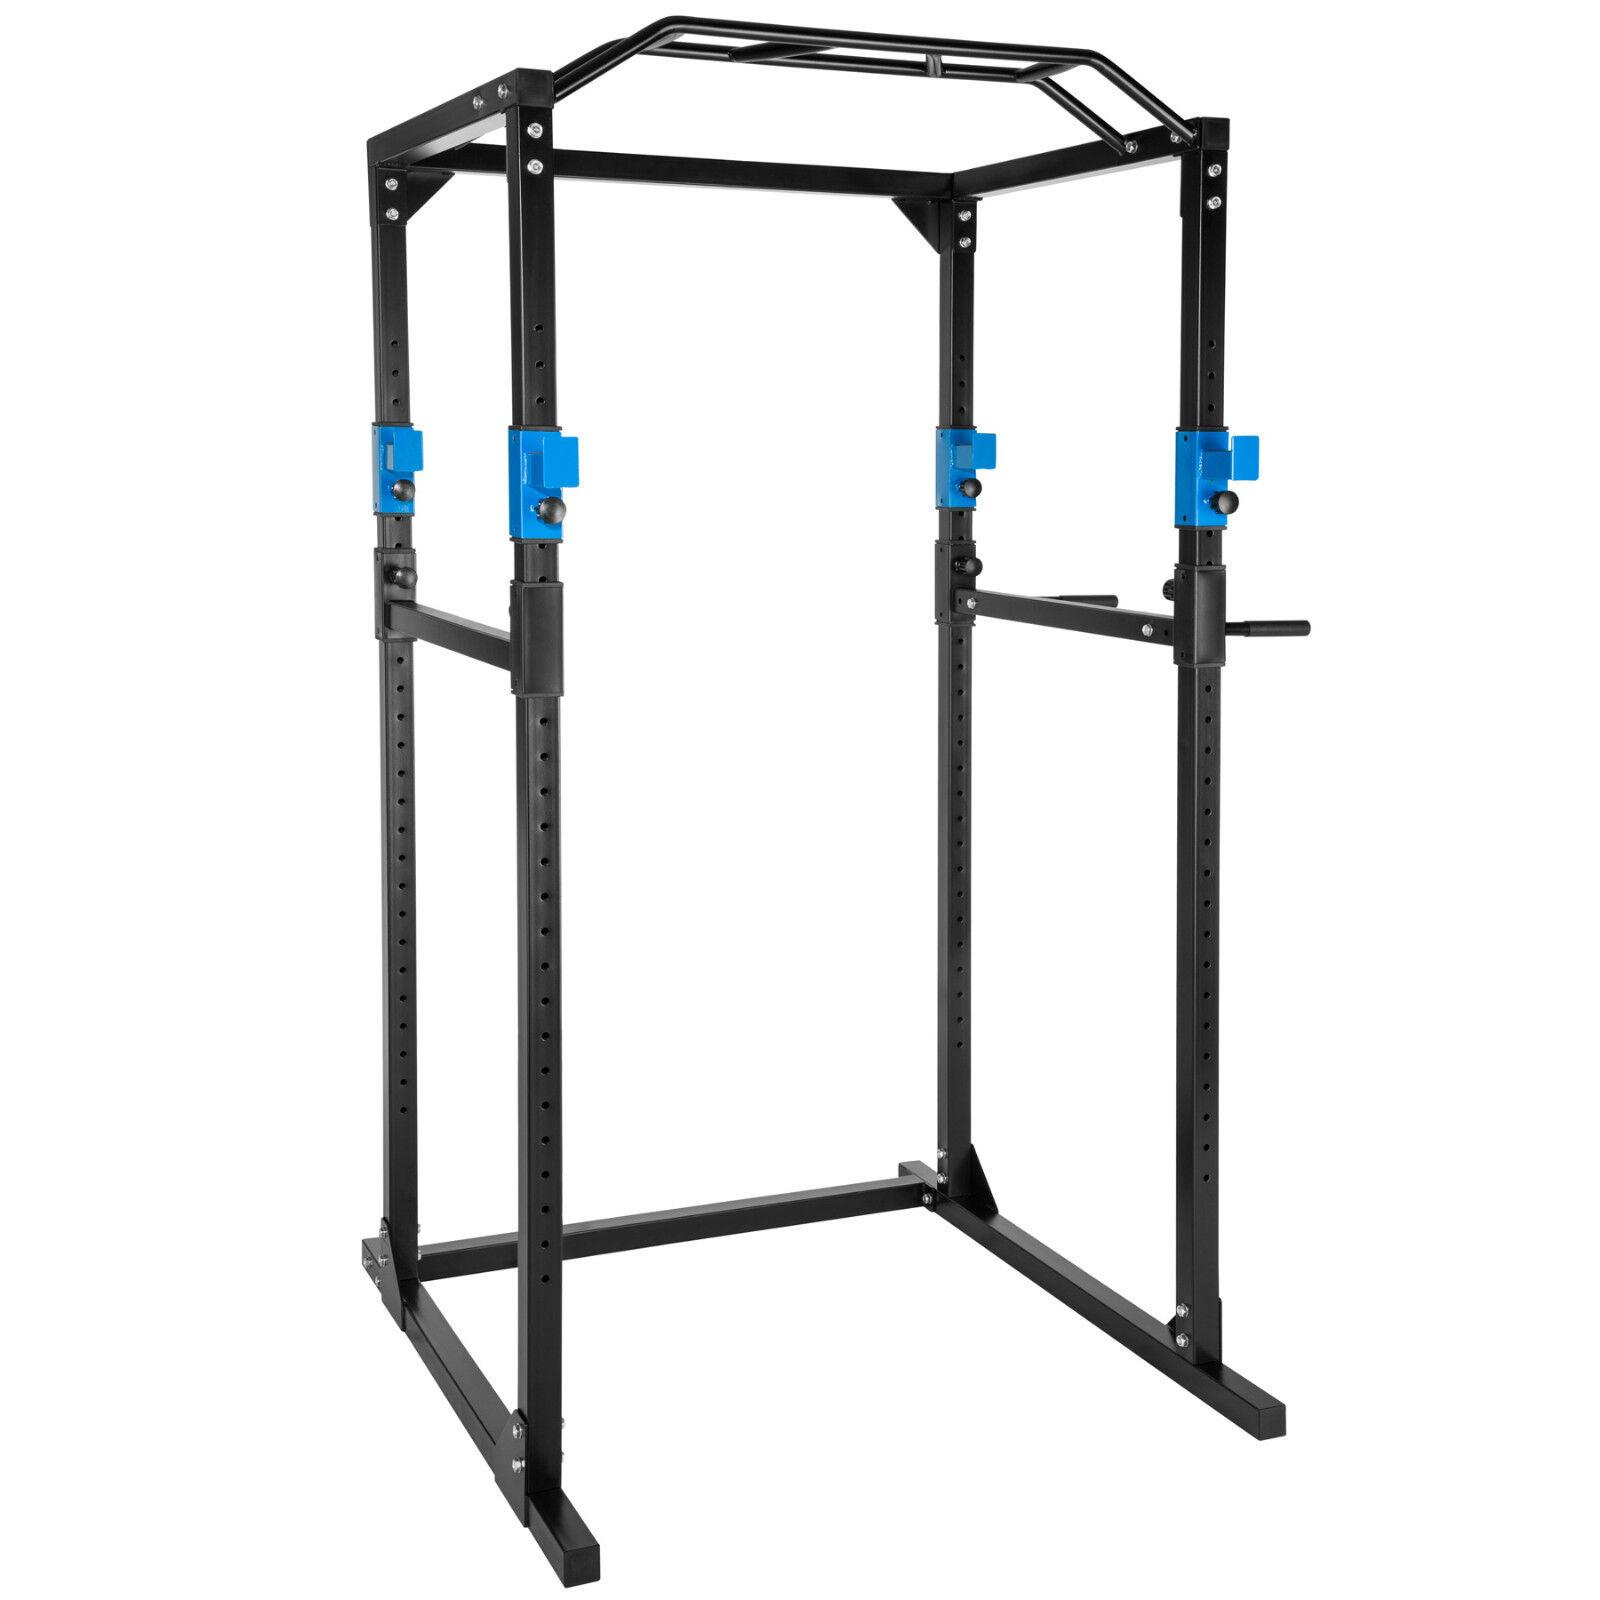 Multiestación de fitness para musculación fuerza dip press banca azul negro